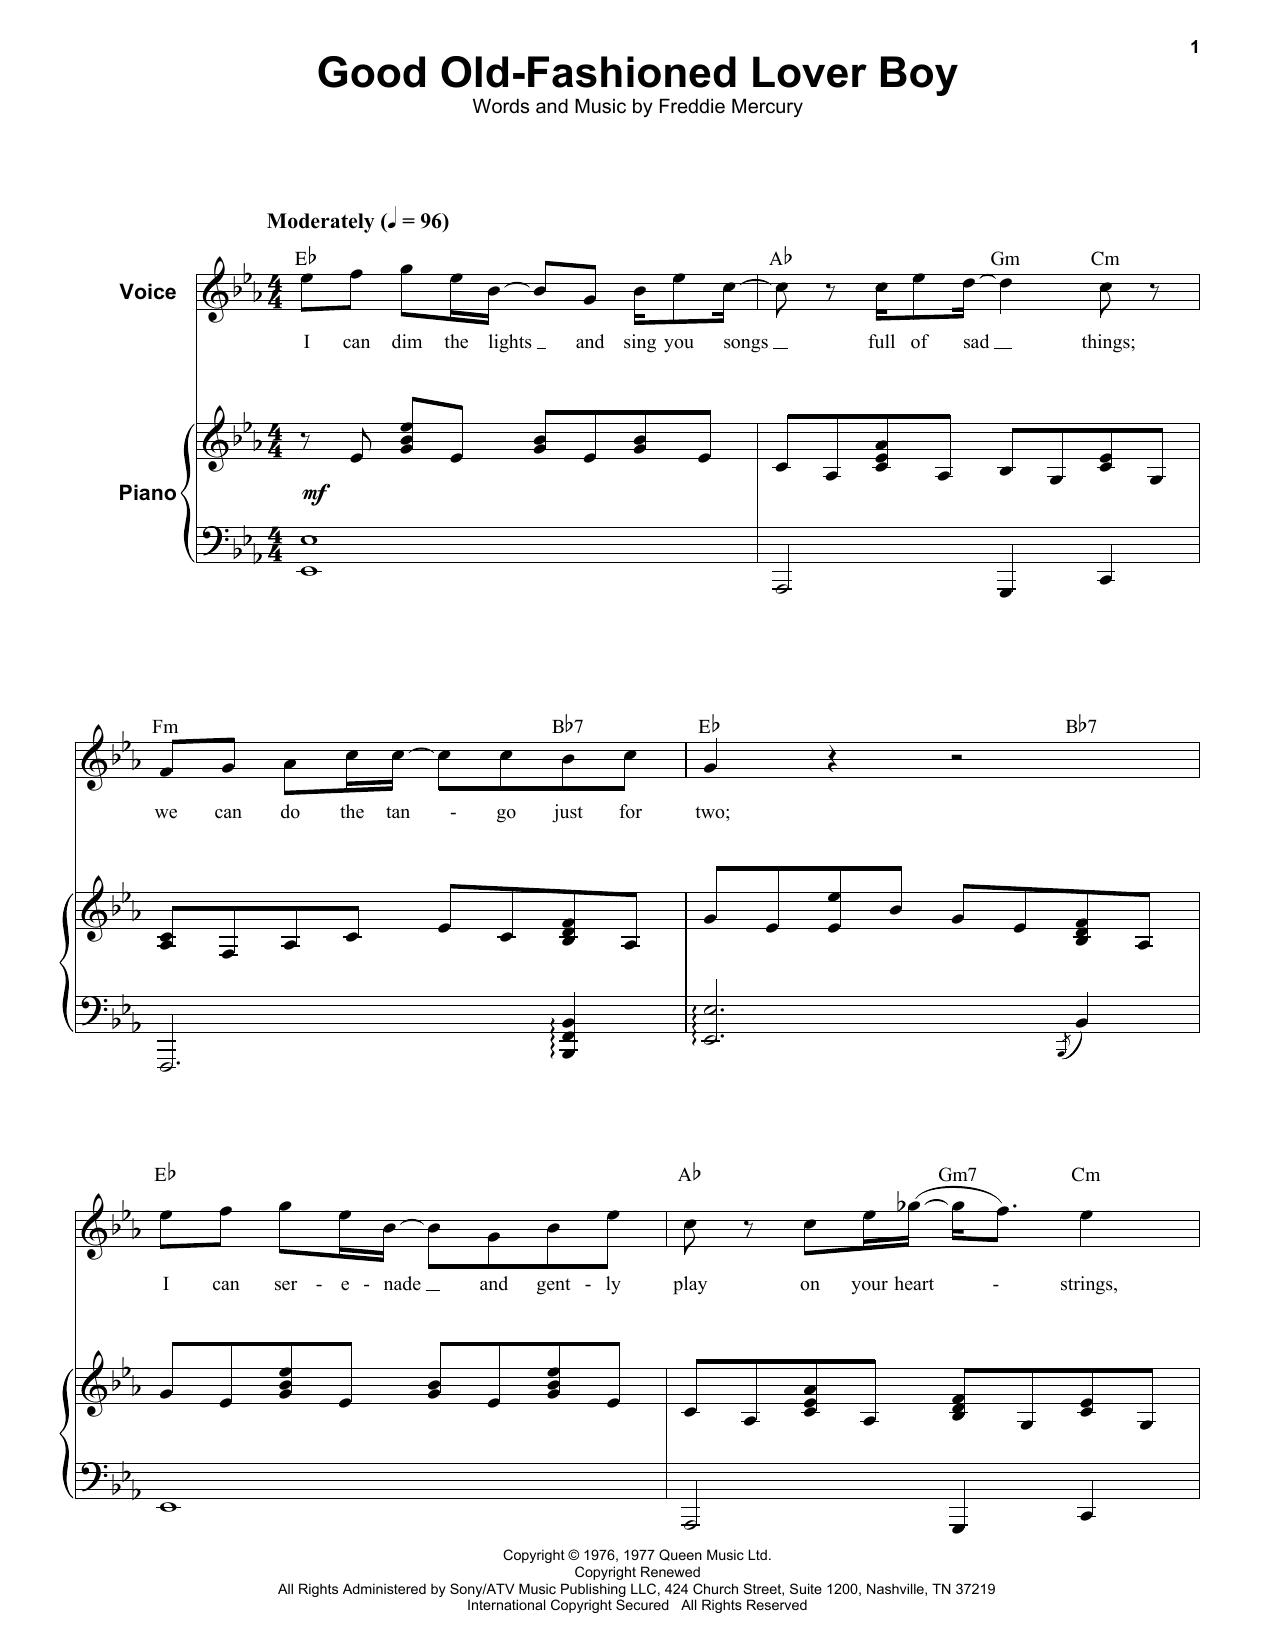 Good Old-Fashioned Lover Boy (Keyboard Transcription)